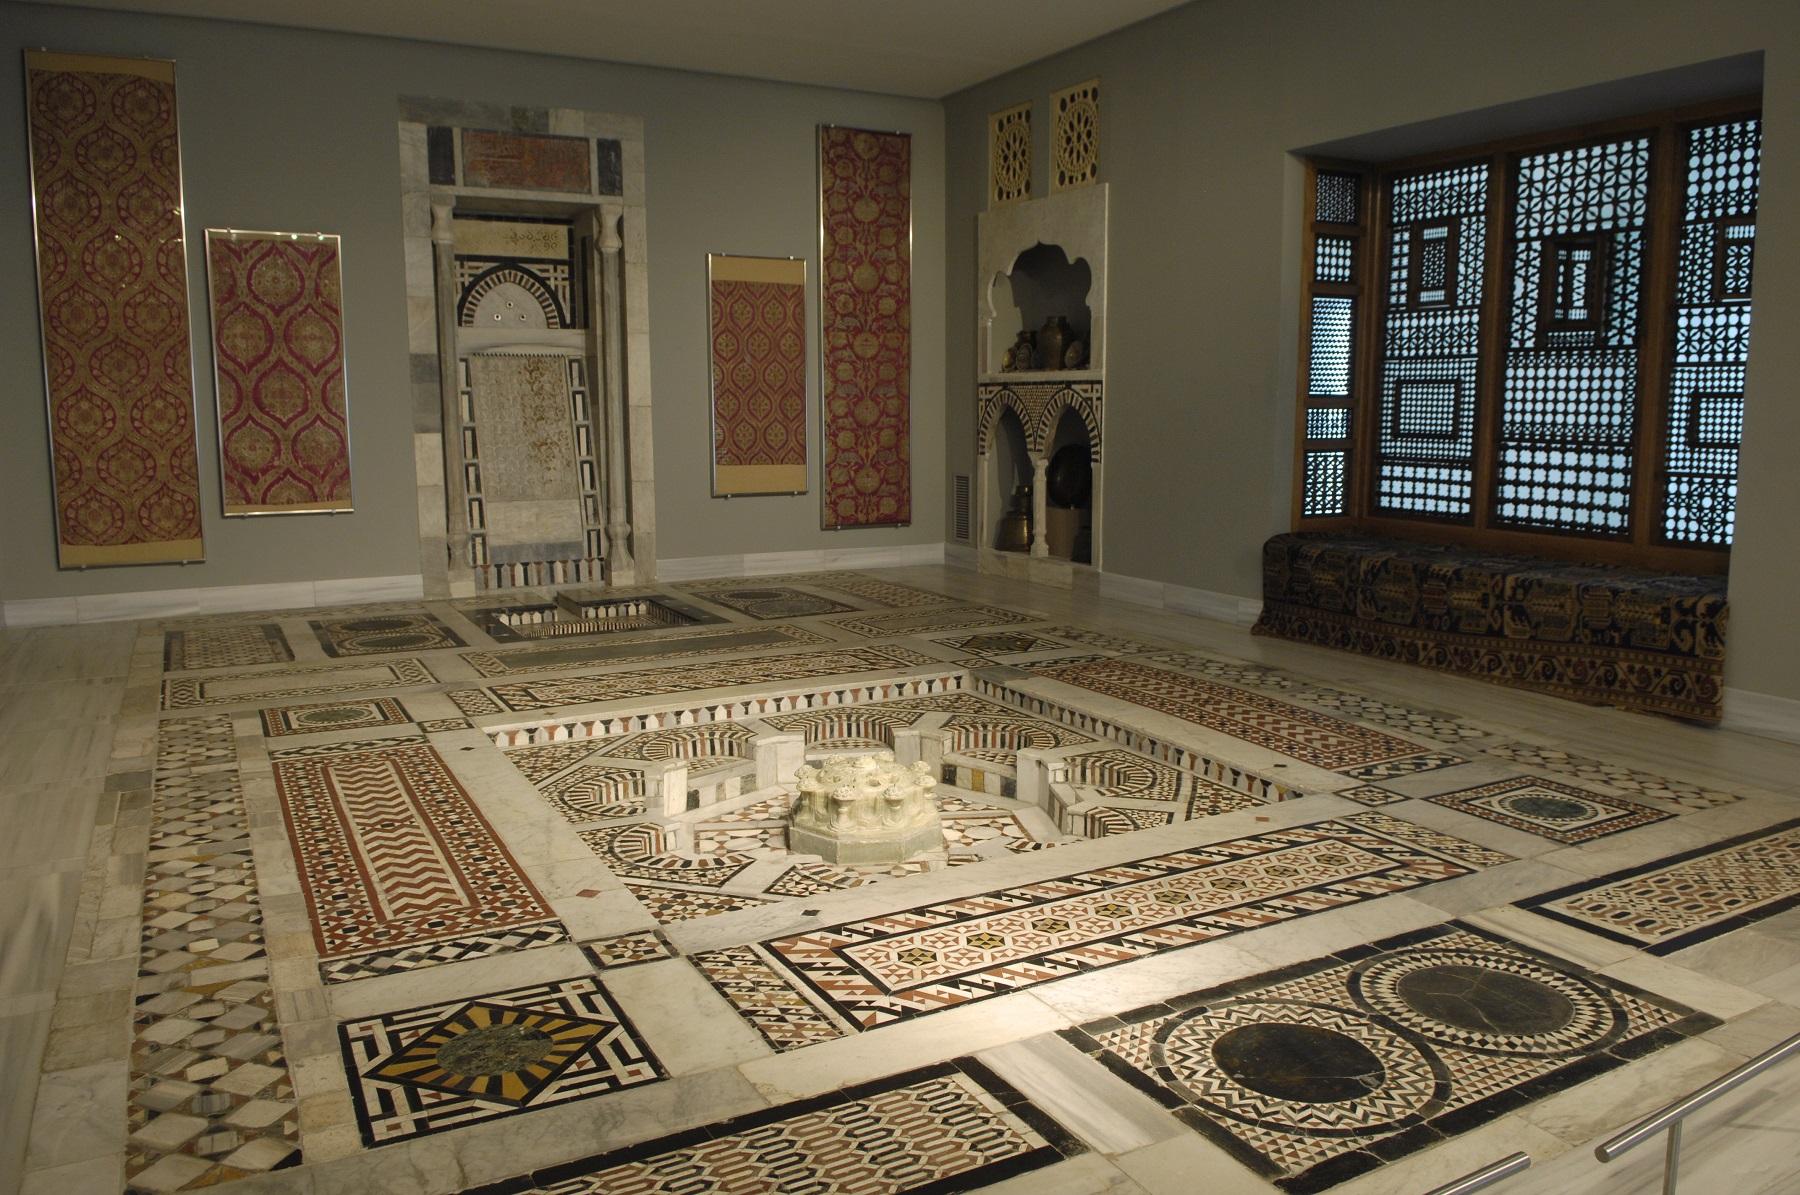 Μουσείο Μπενάκη Ισλαμικής Τέχνης